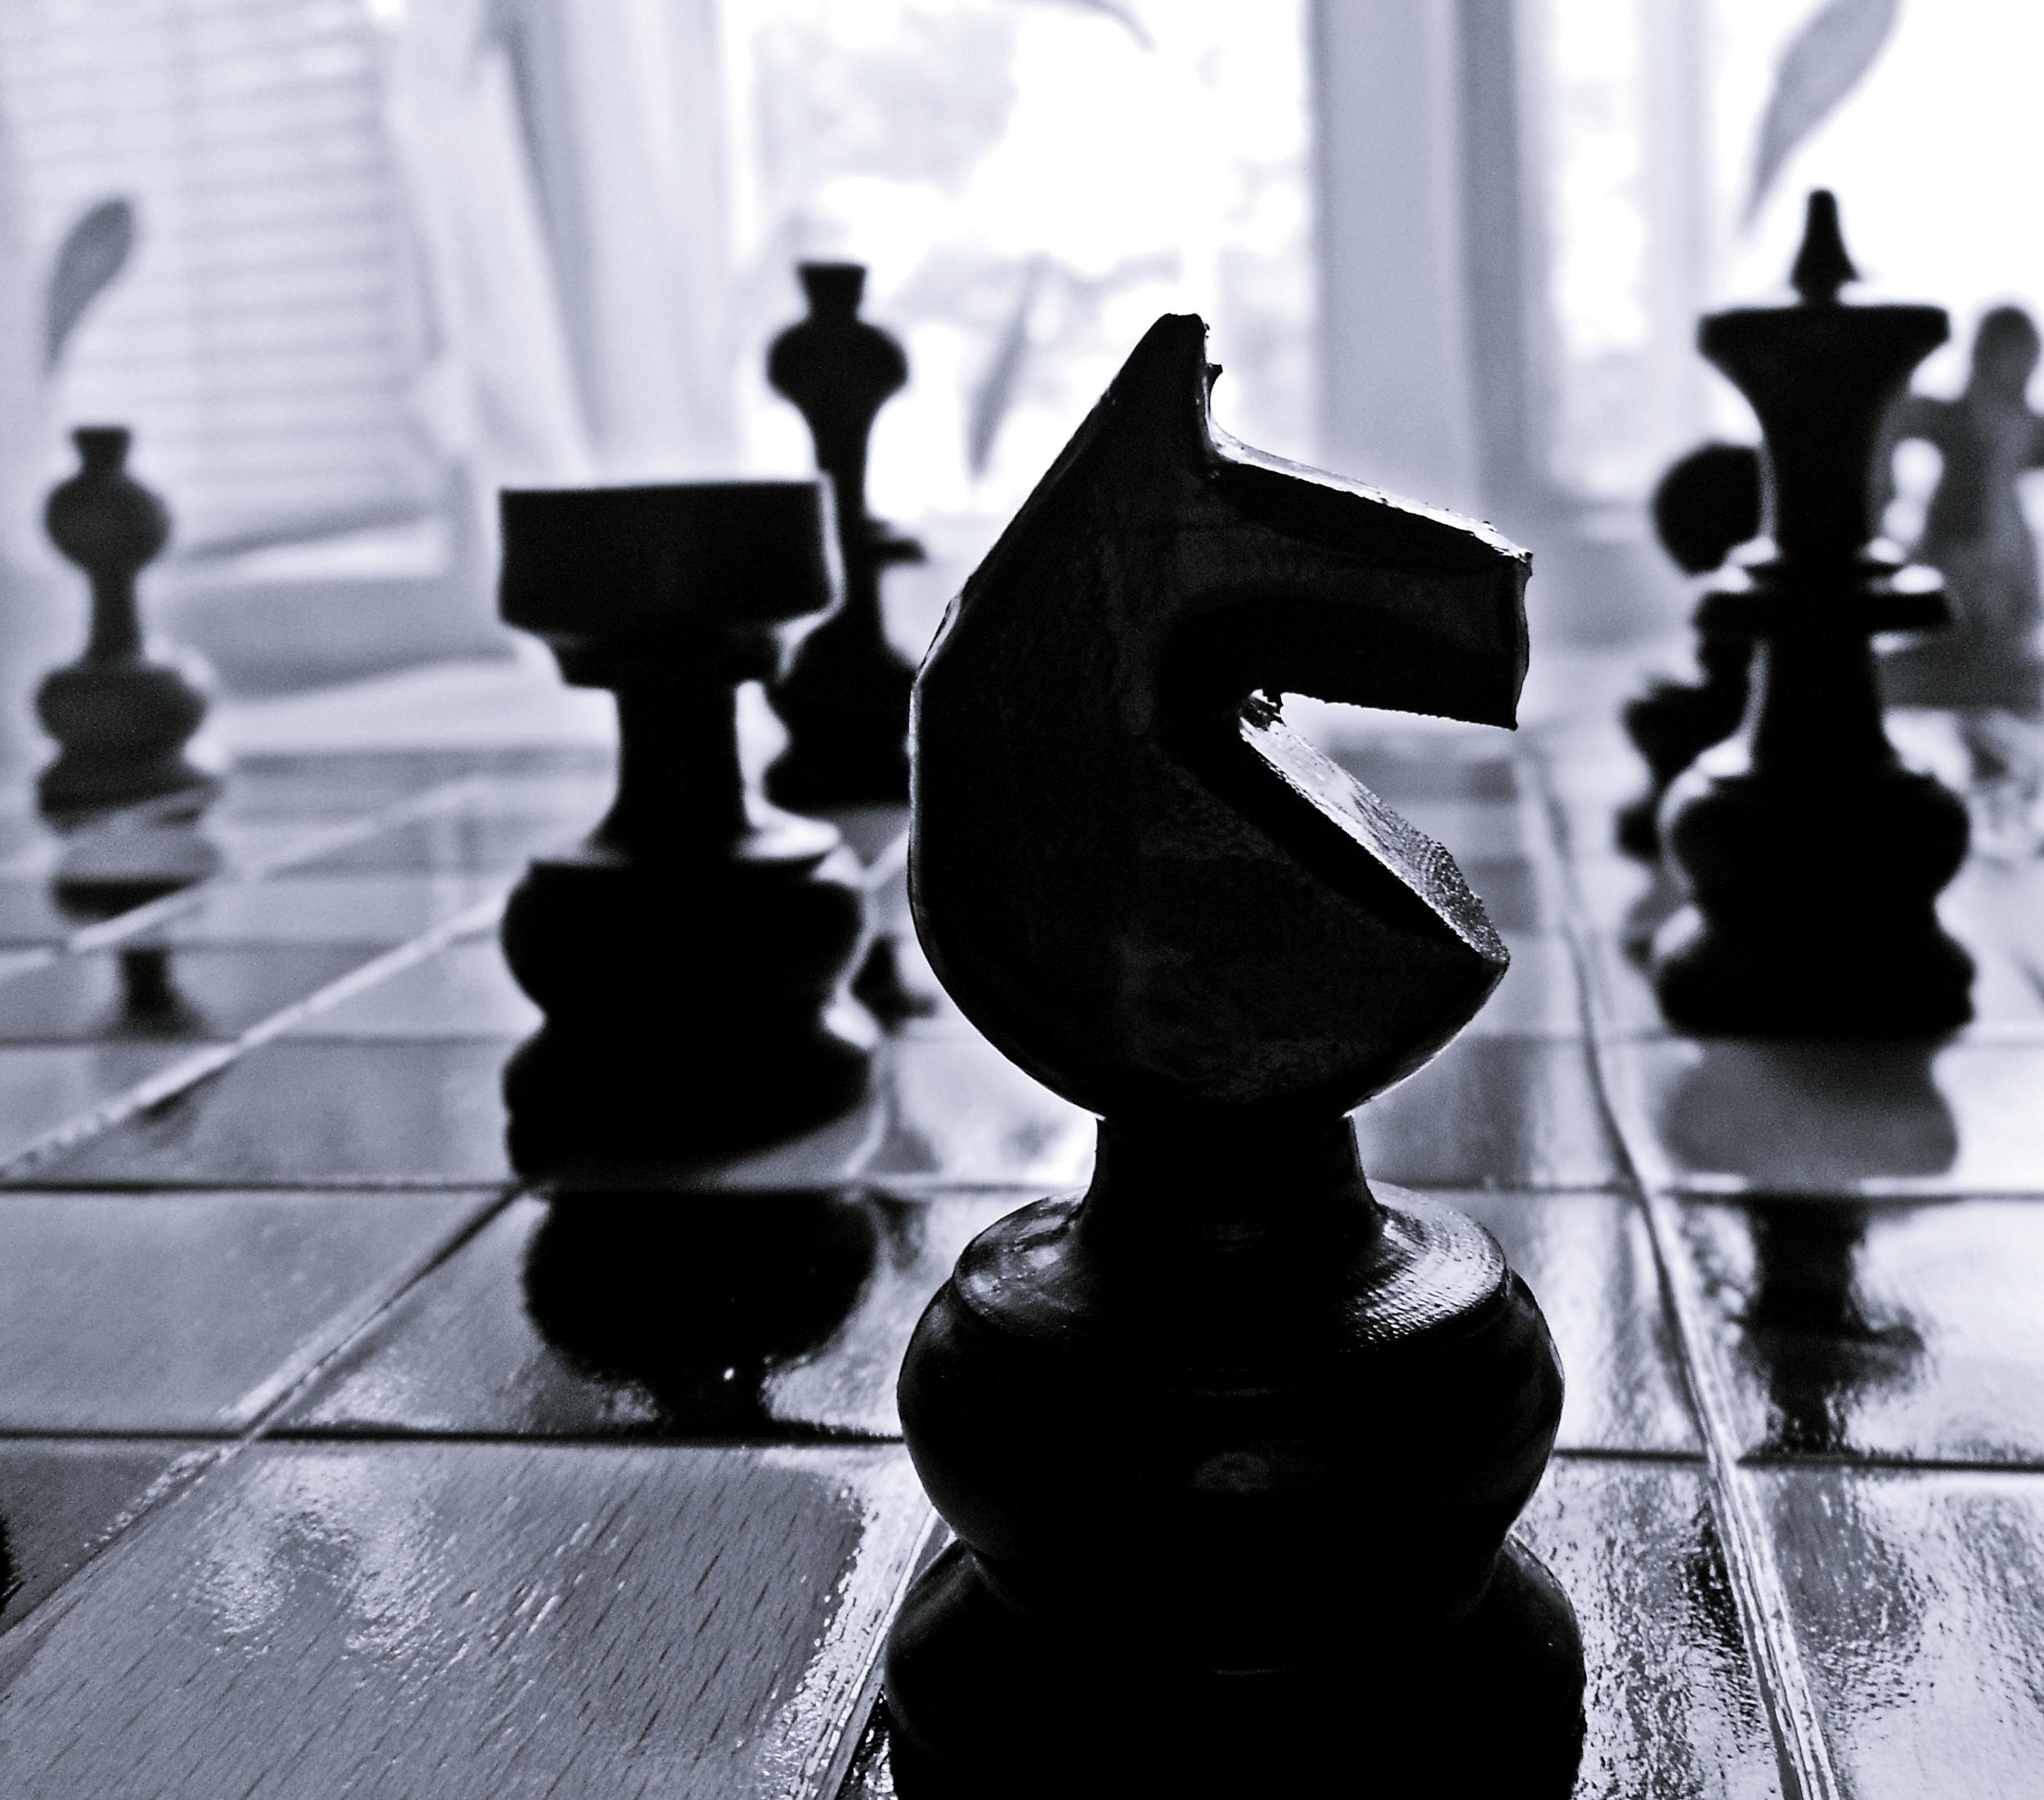 photodune-3000992-chess-l.JPG